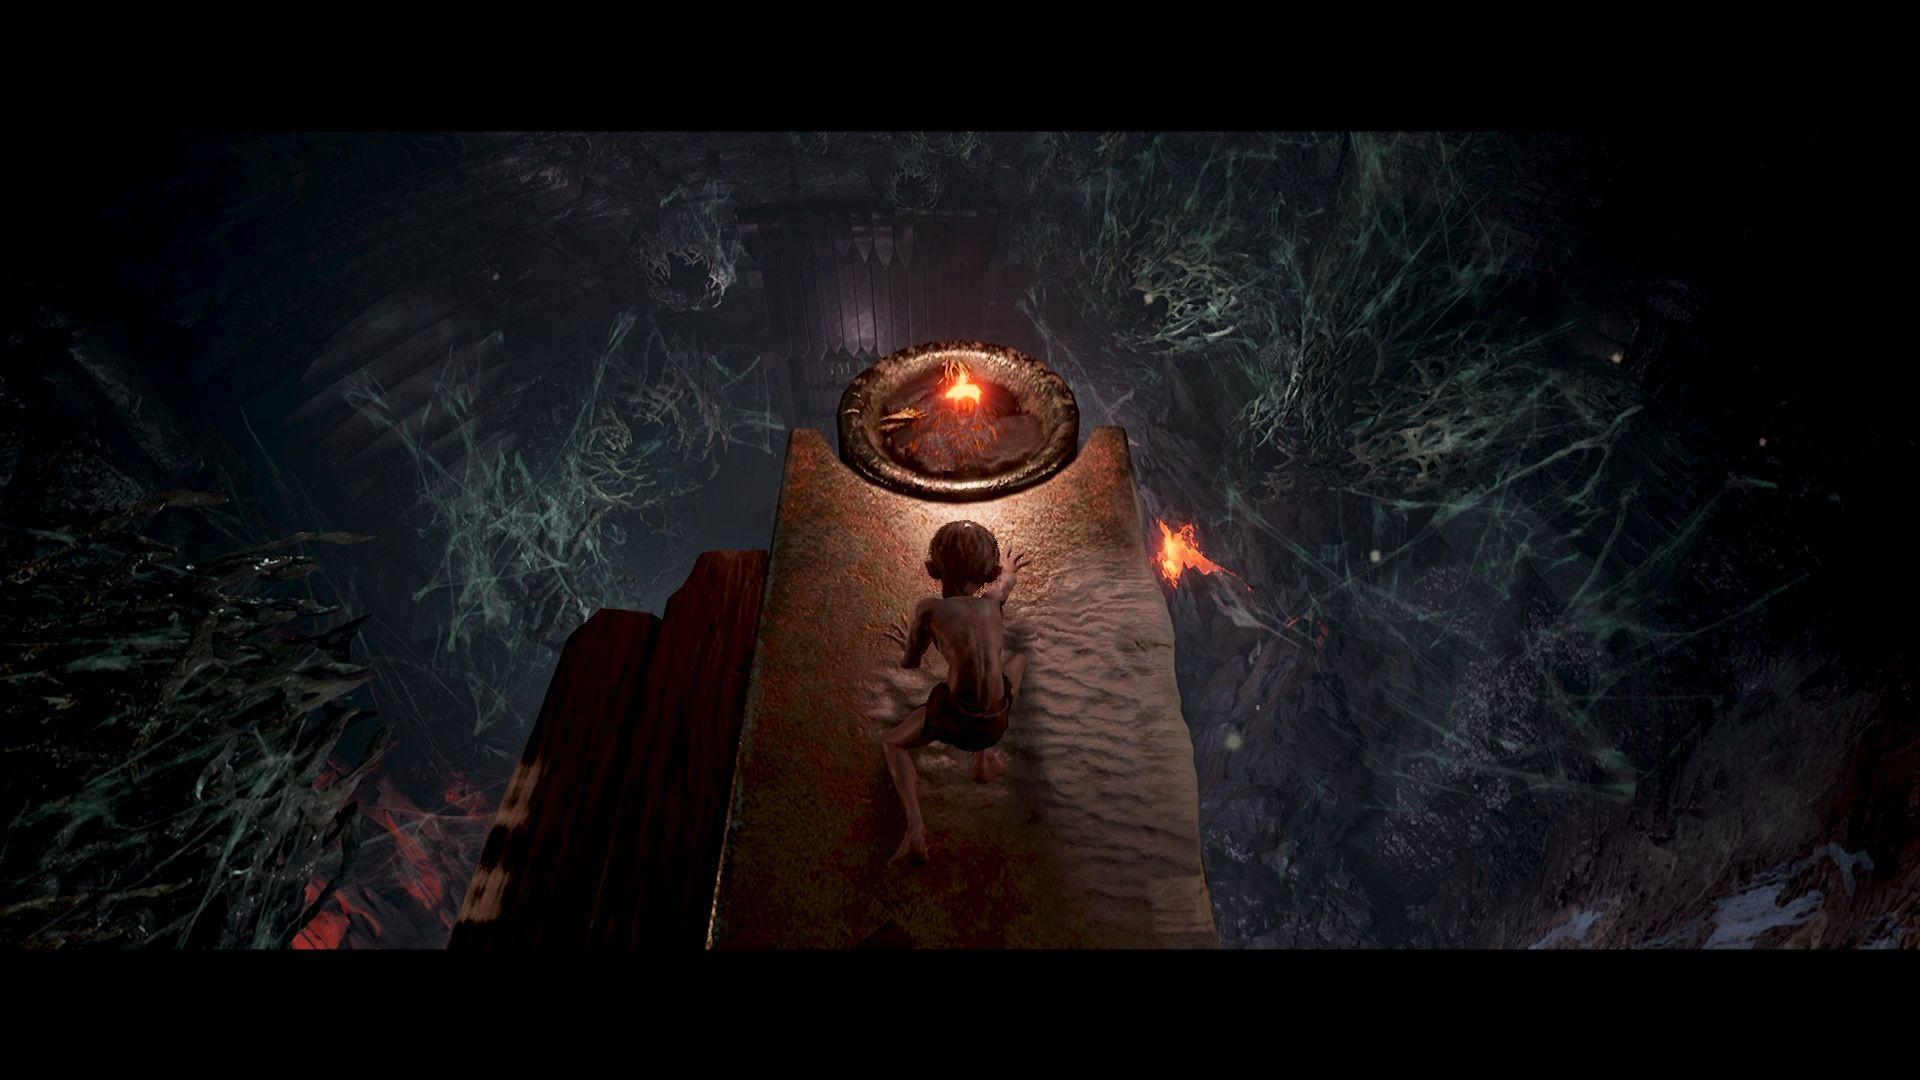 Le Seigneur des Anneaux: Gollum